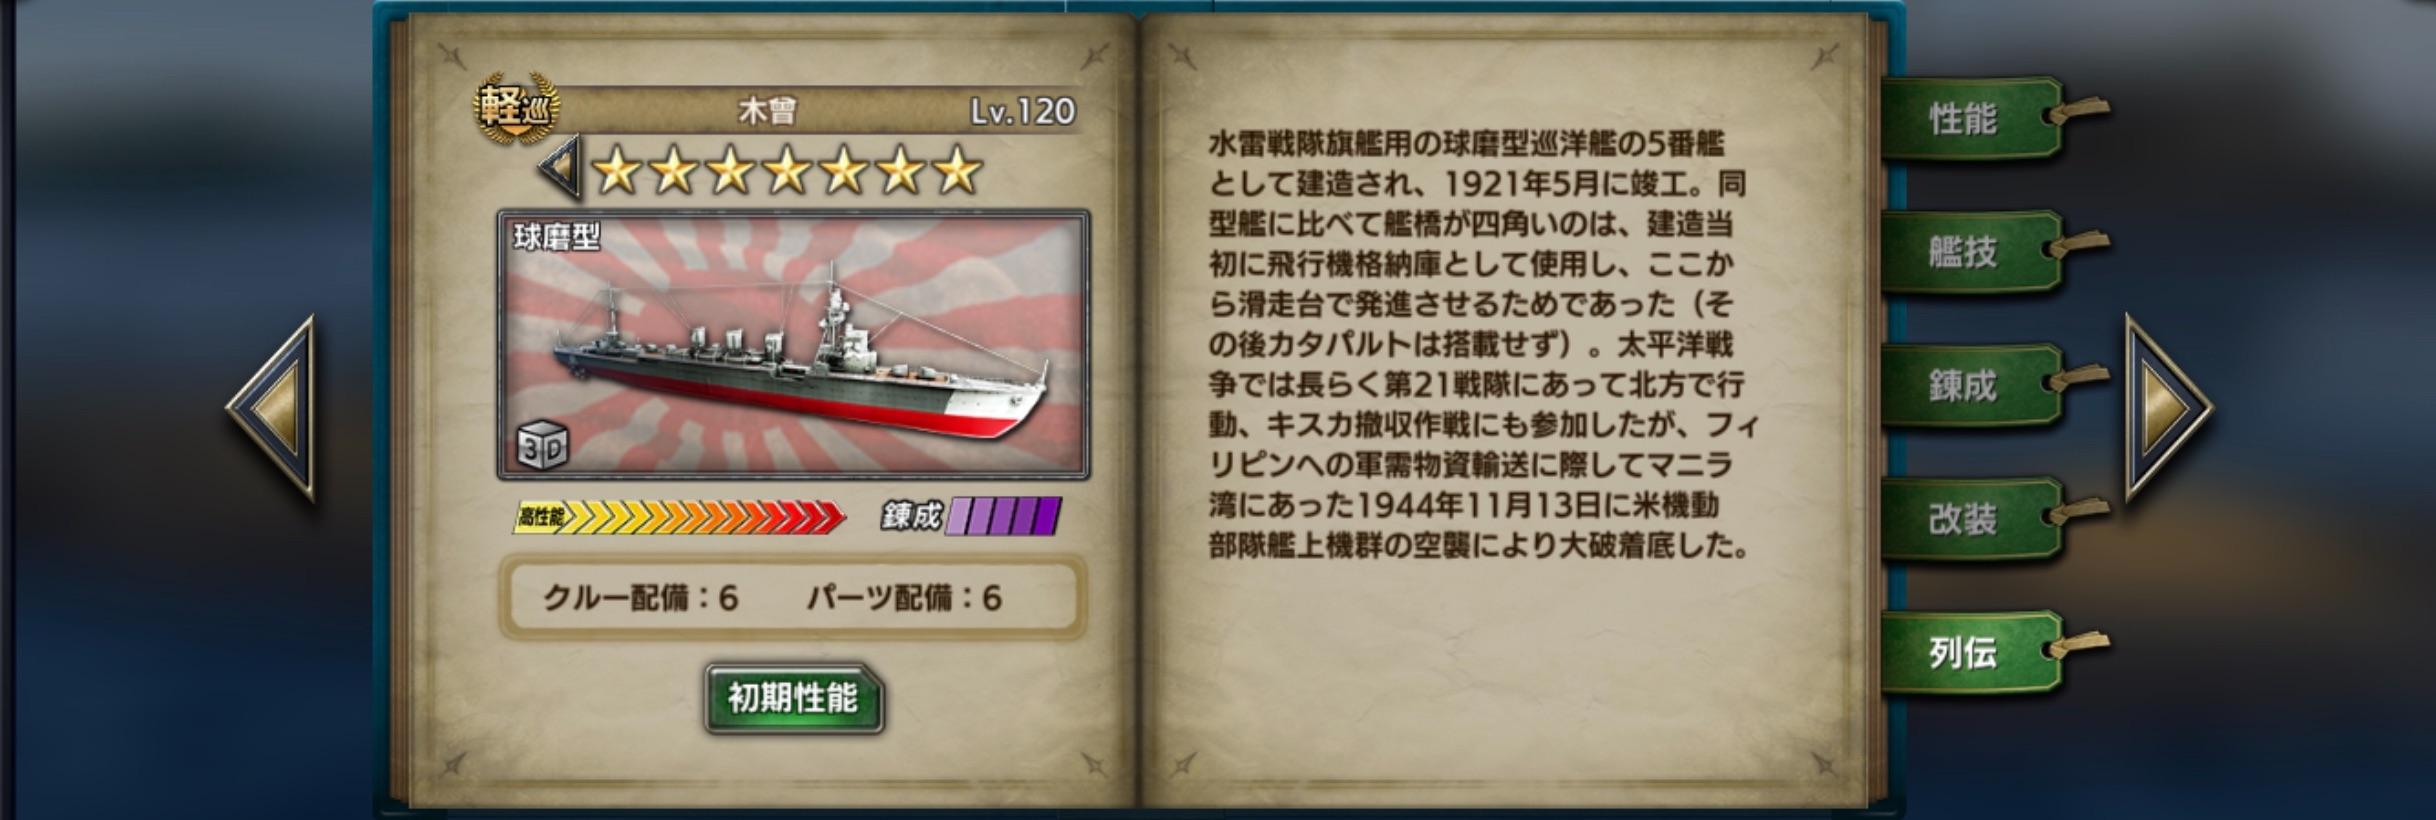 Kiso-history